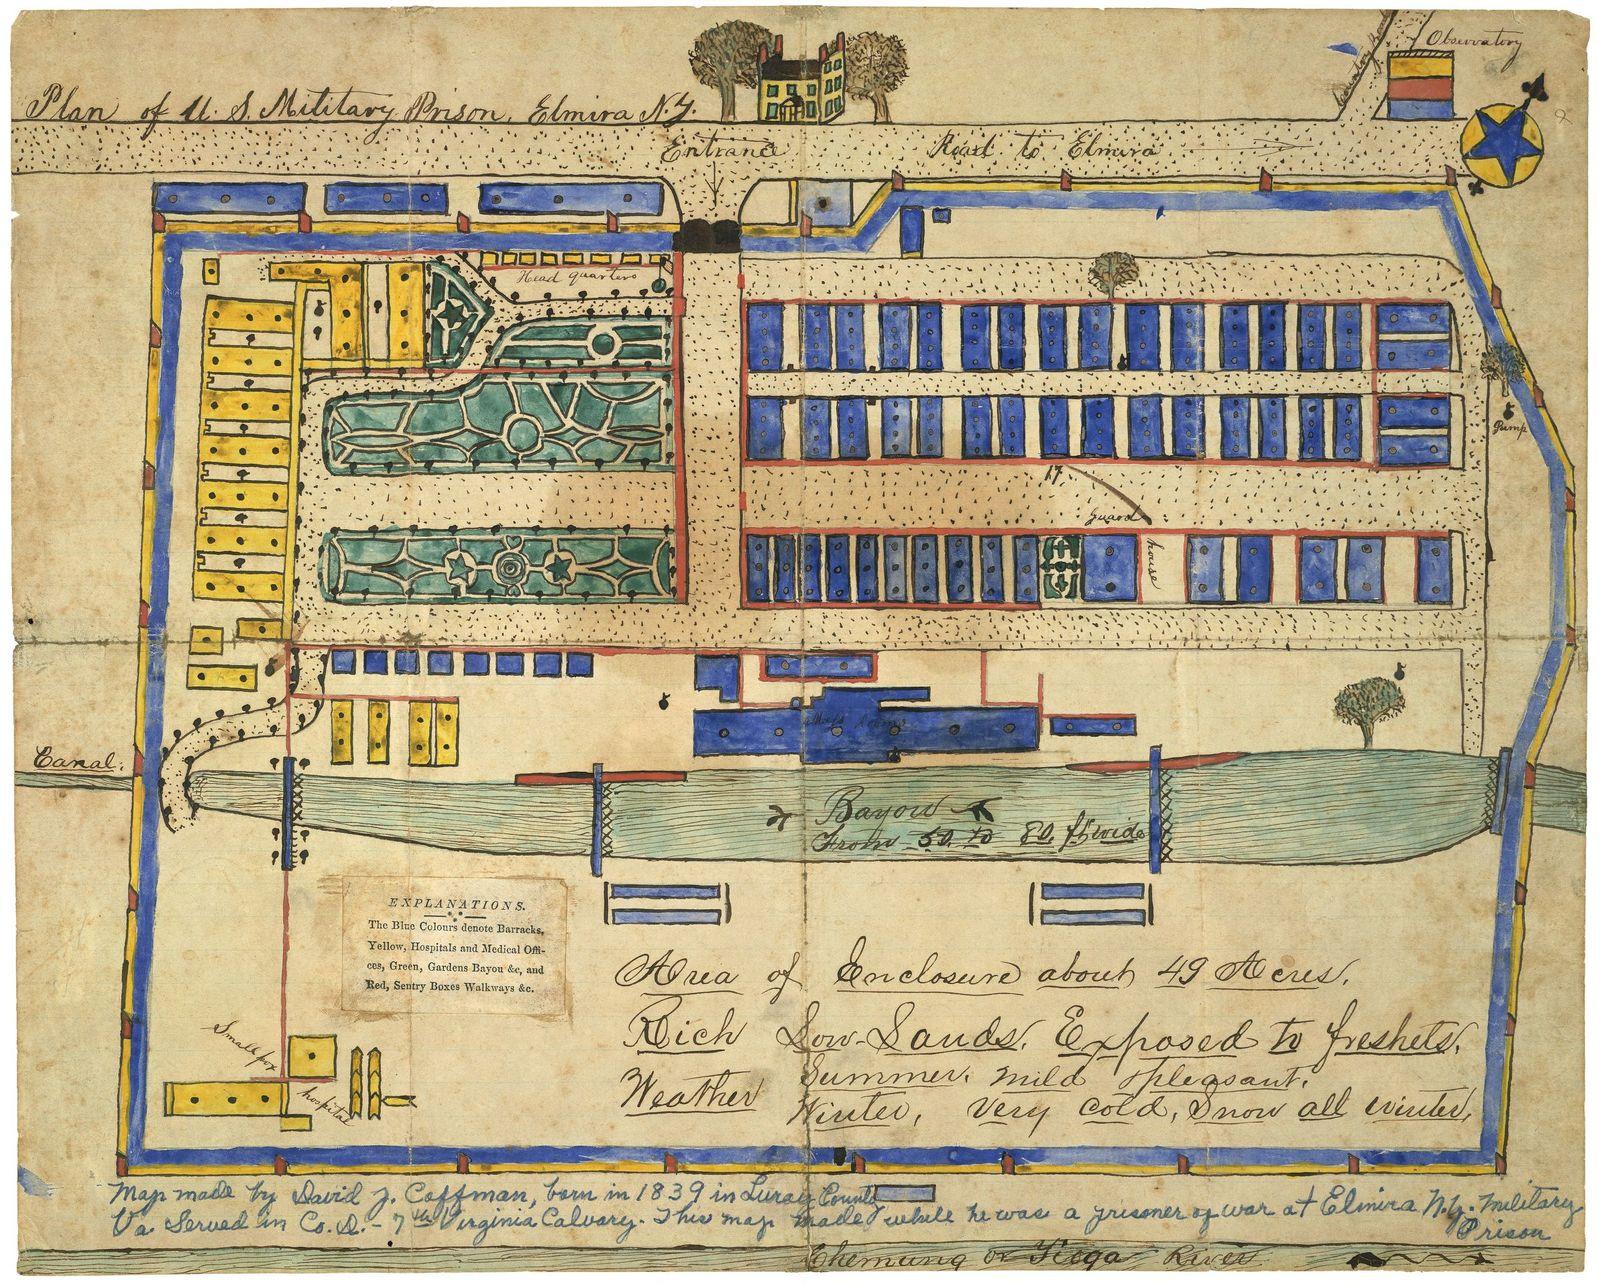 Plan of U.S. military prison, Elmira, N.Y.